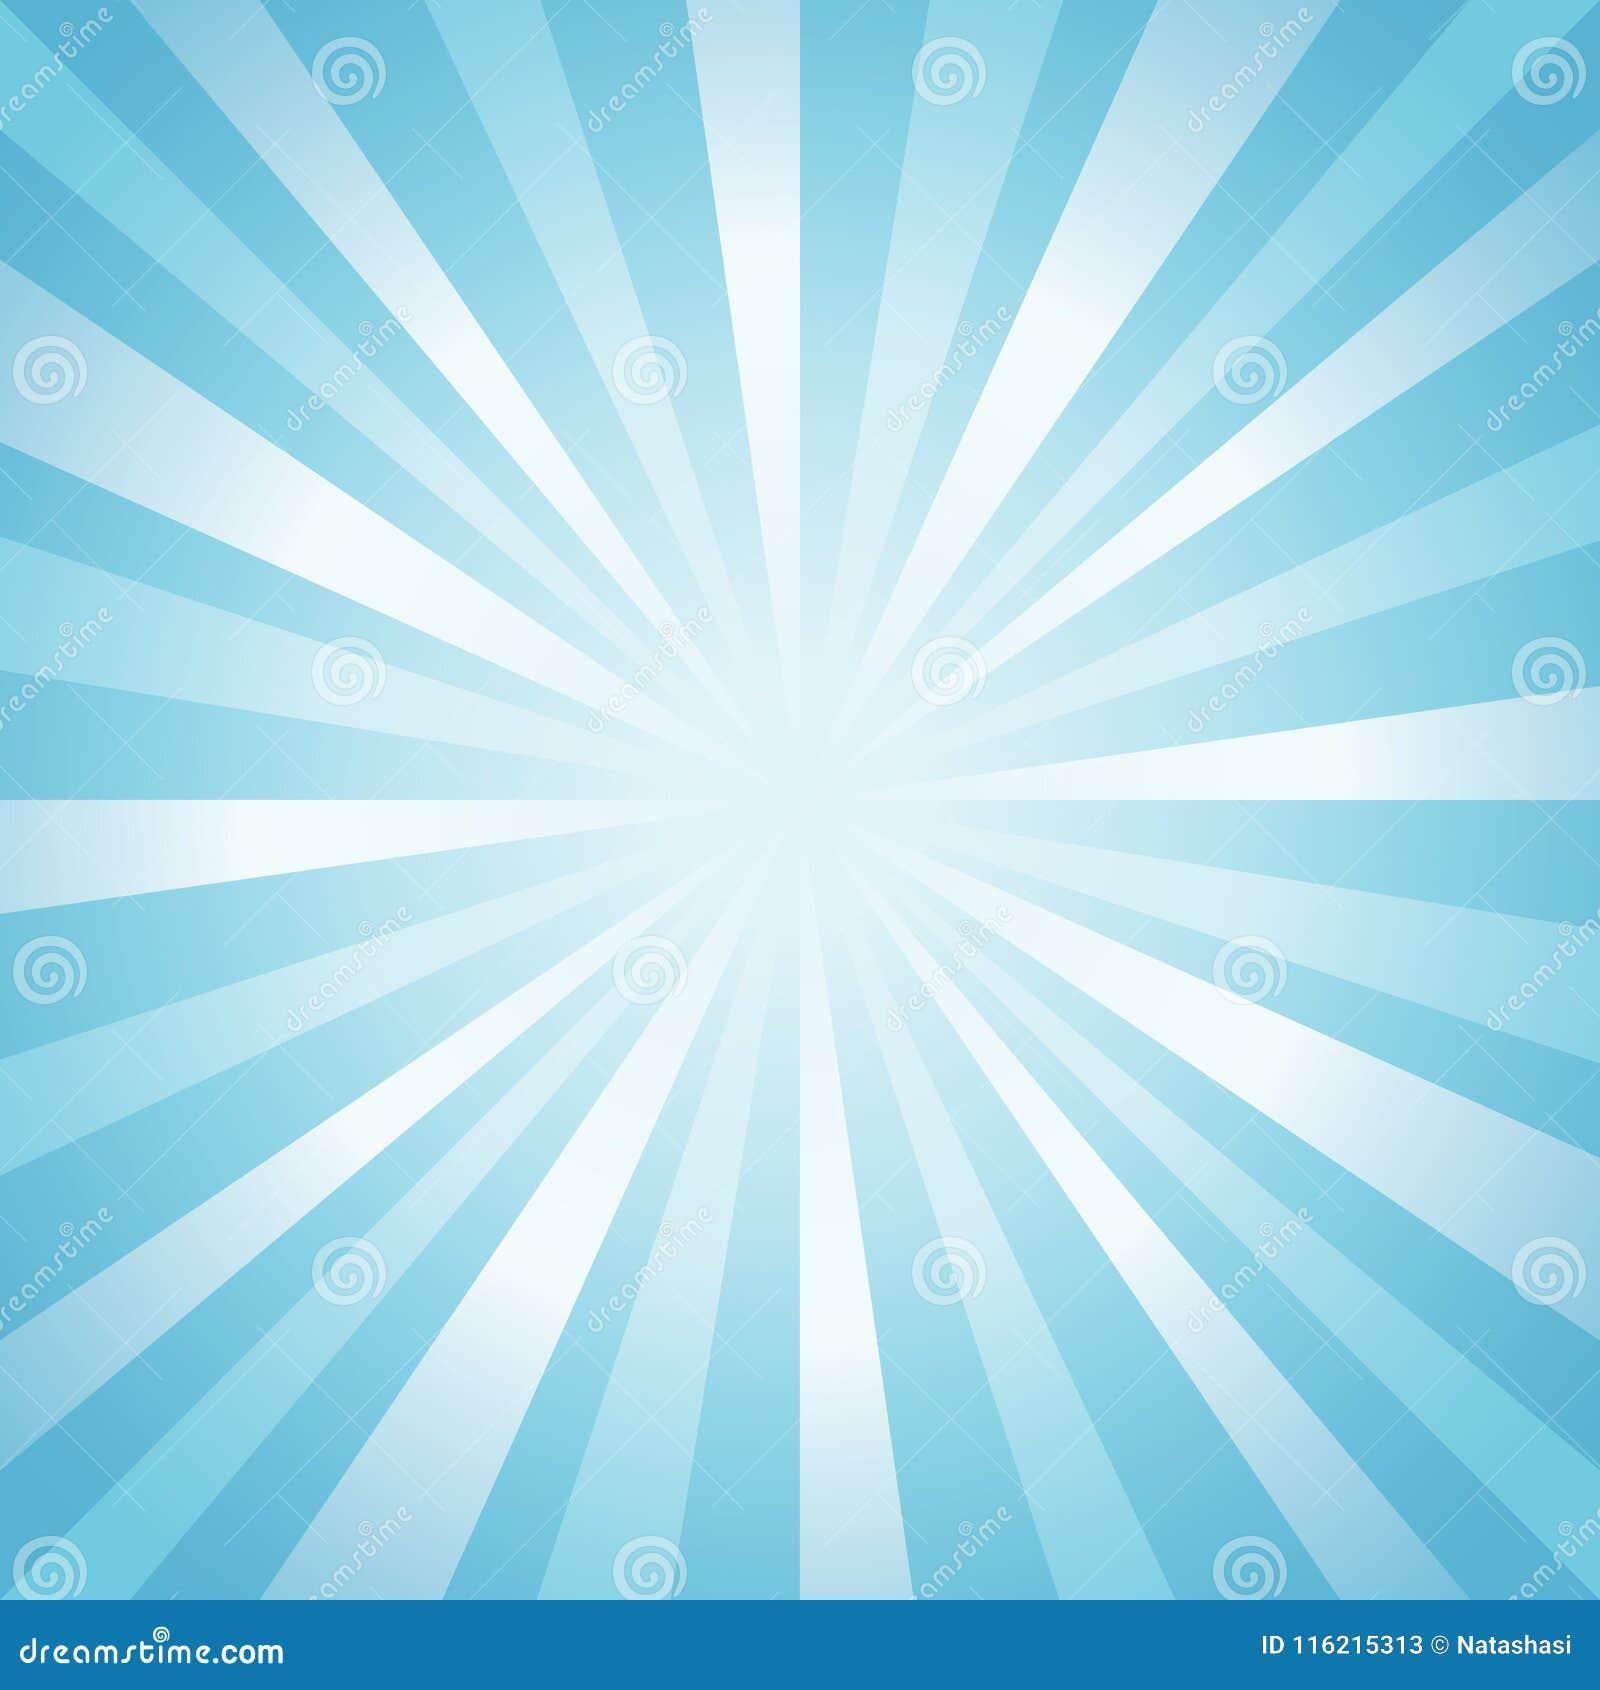 Αφηρημένο μαλακό ανοικτό μπλε υπόβαθρο ακτίνων διάνυσμα